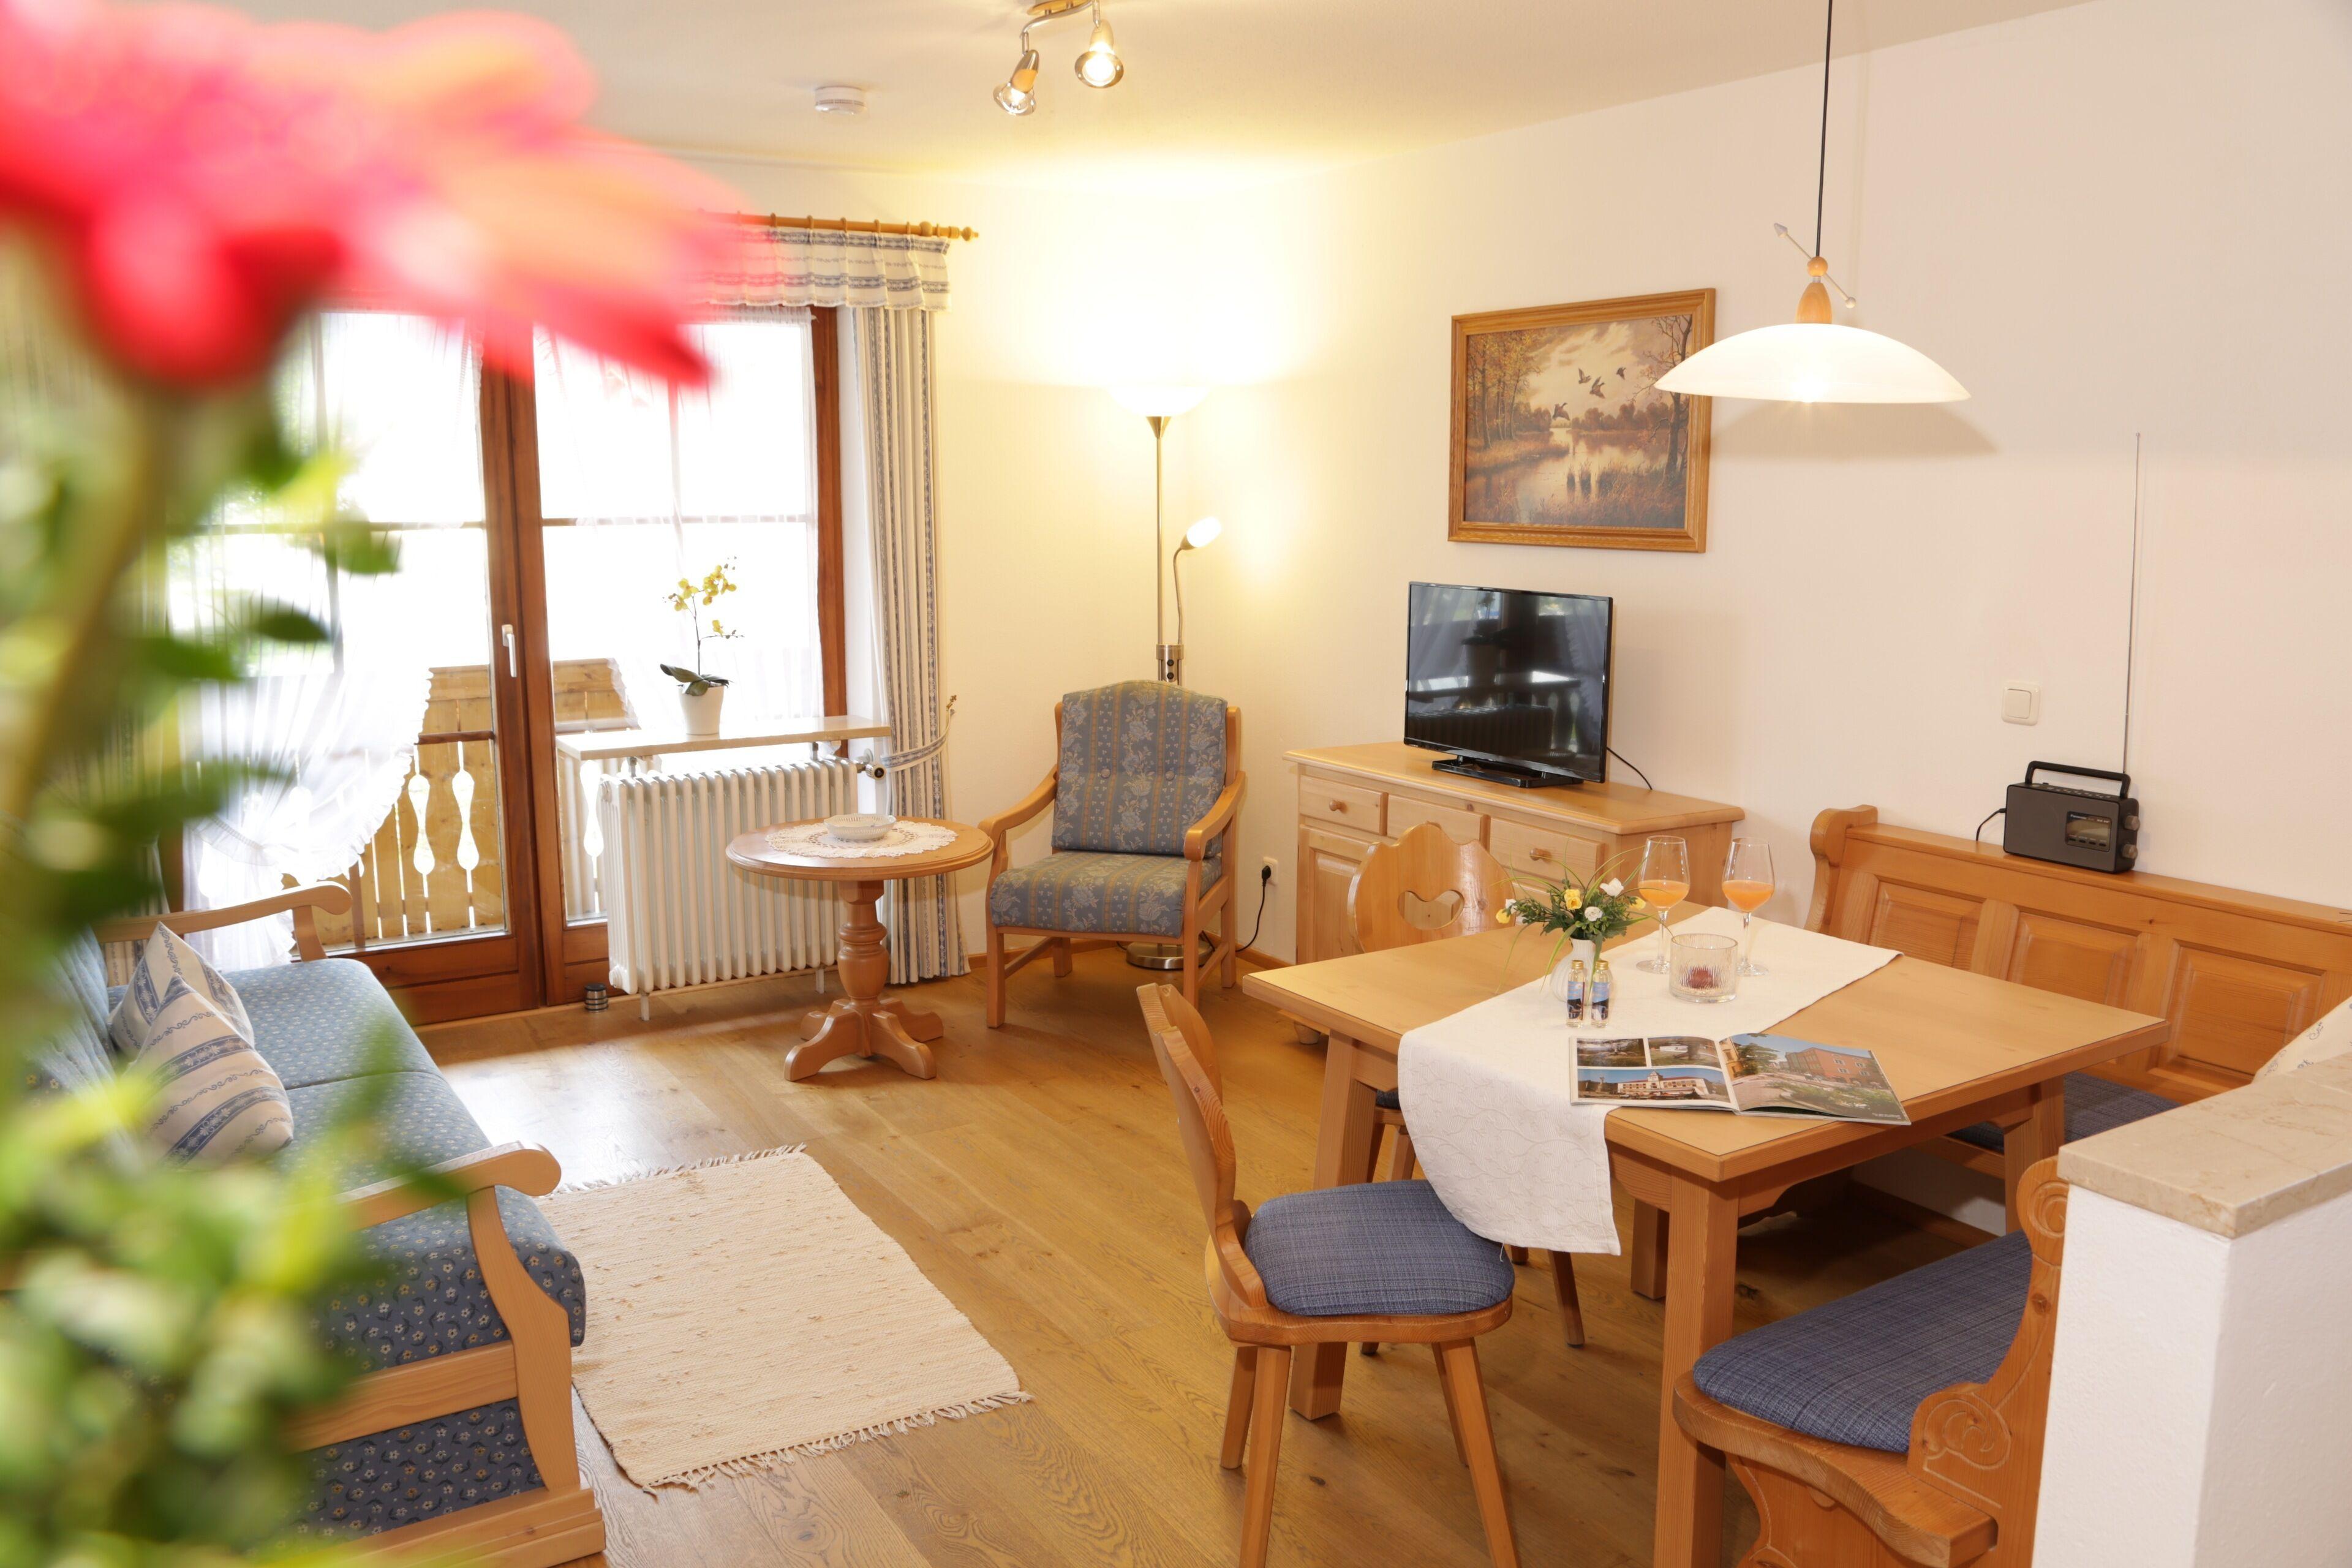 Picture of: Typ B Zweizimmer Ferienwohnung 1 Og Mit Schlafzimmer Wohnzimmer Kuchenzeile Dusche Wc Balkon Piding Tyskland Expedia Dk